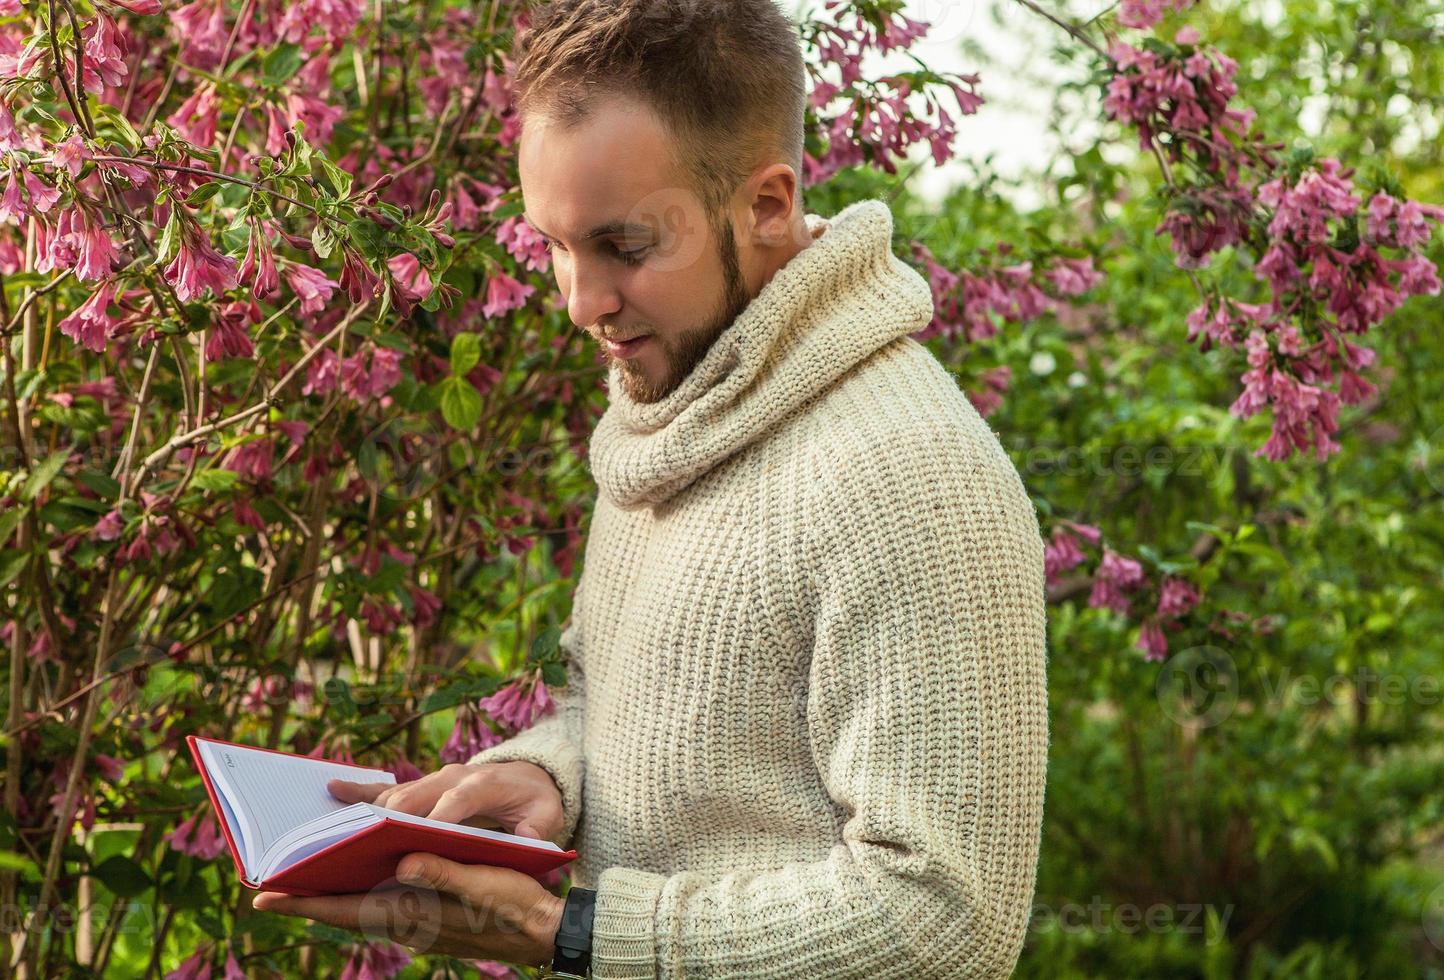 junger freundlicher Mann mit rotem Buch in einem Sommergarten. foto